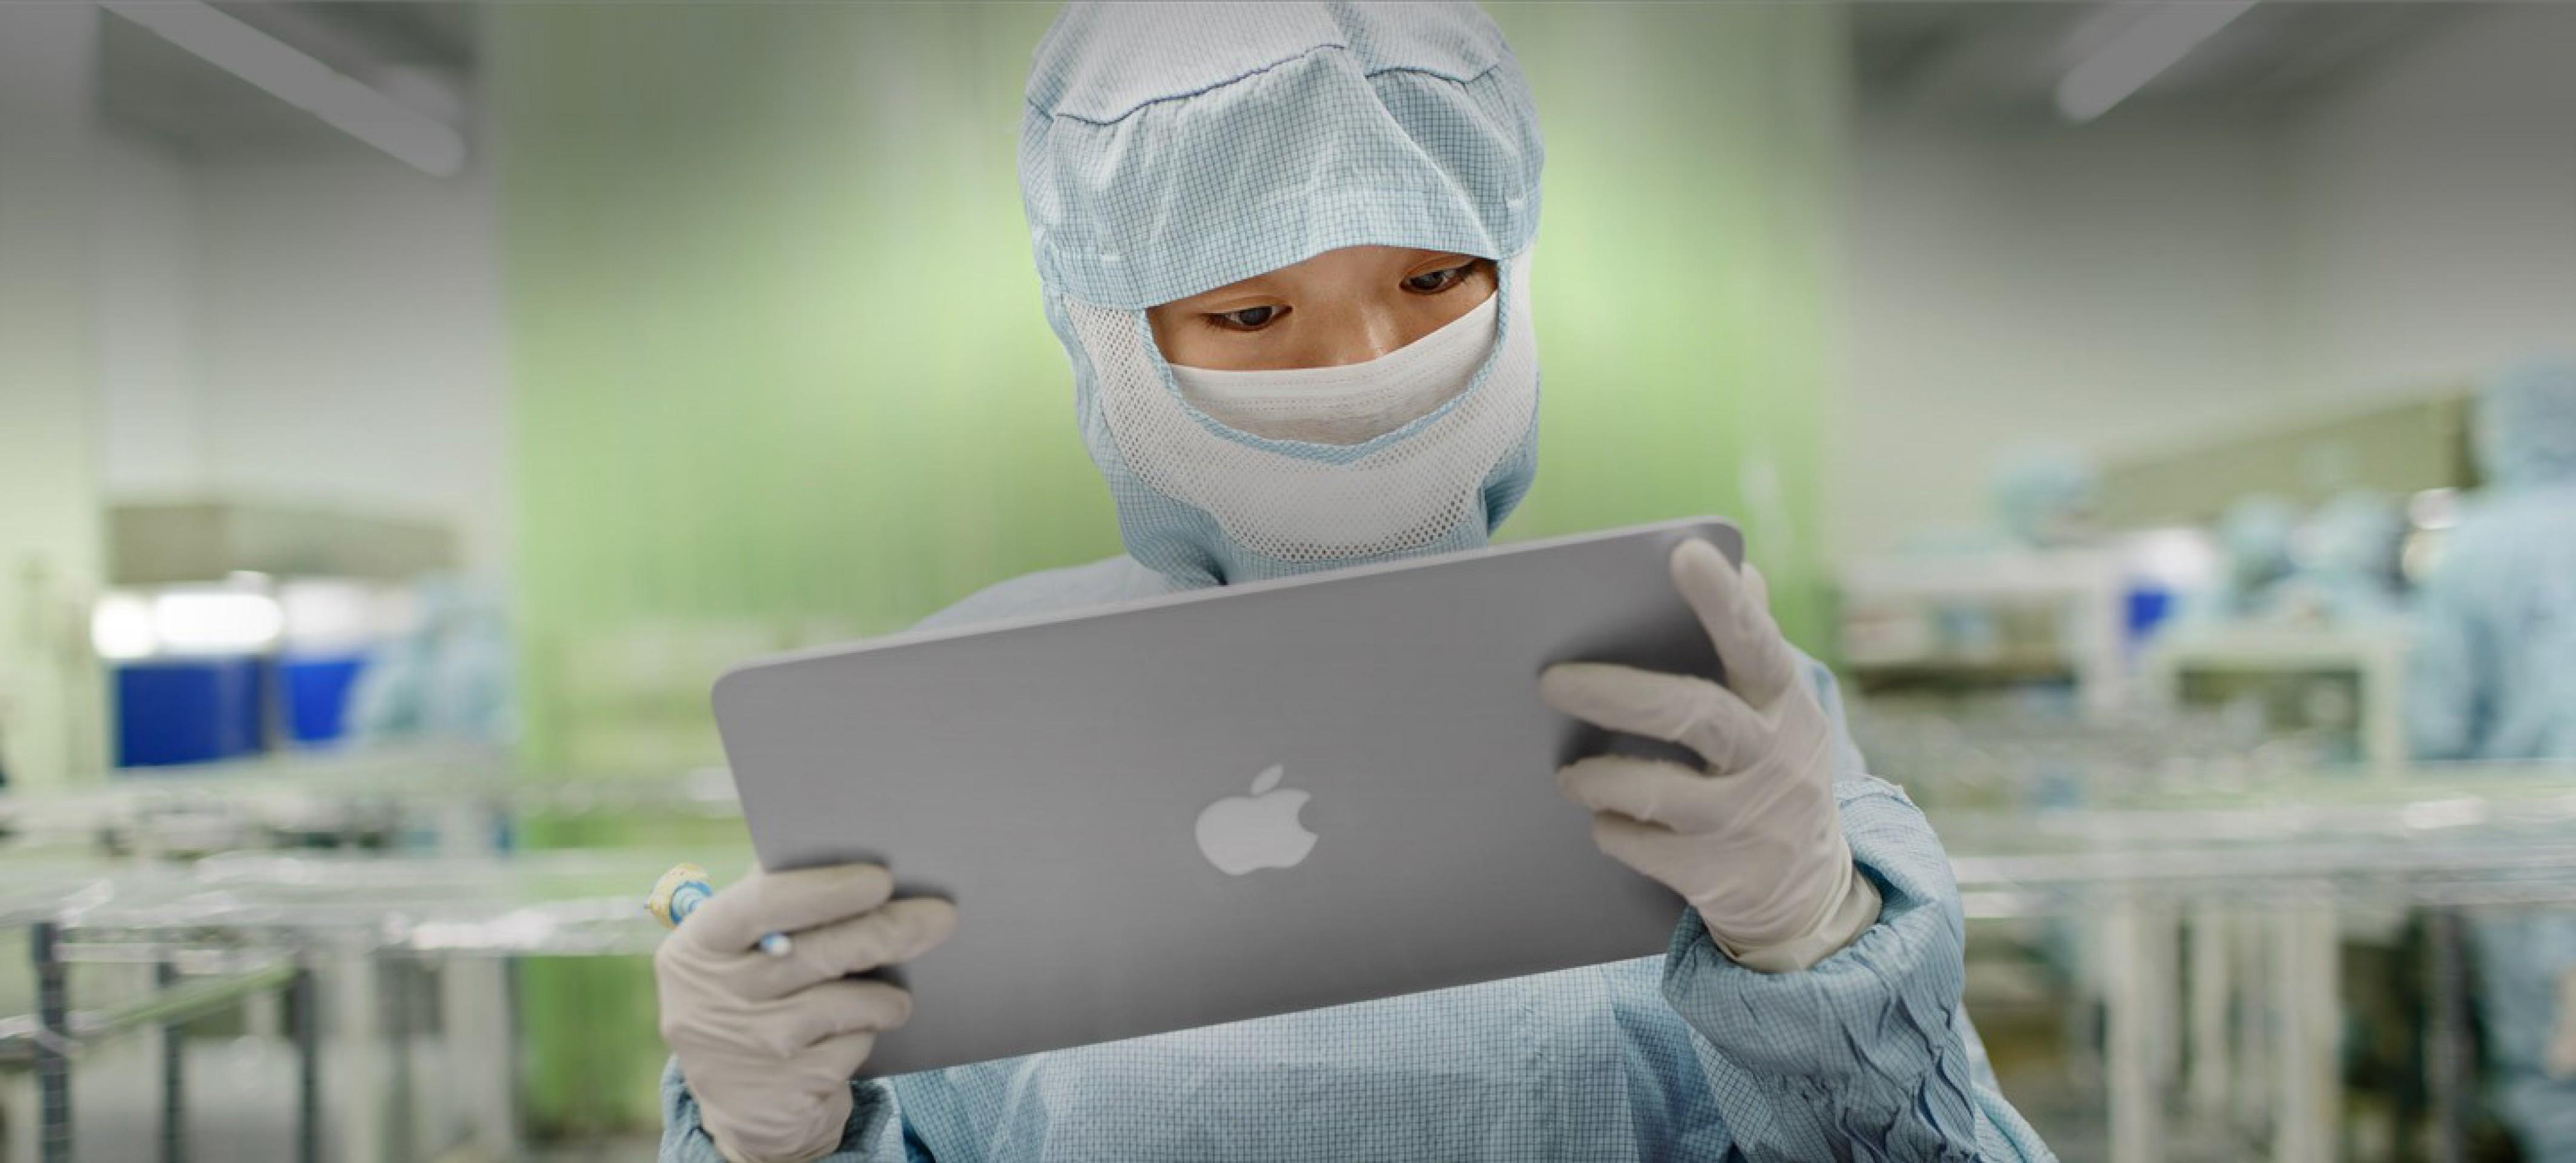 Apple существенно увеличила затраты на новые разработки и исследования